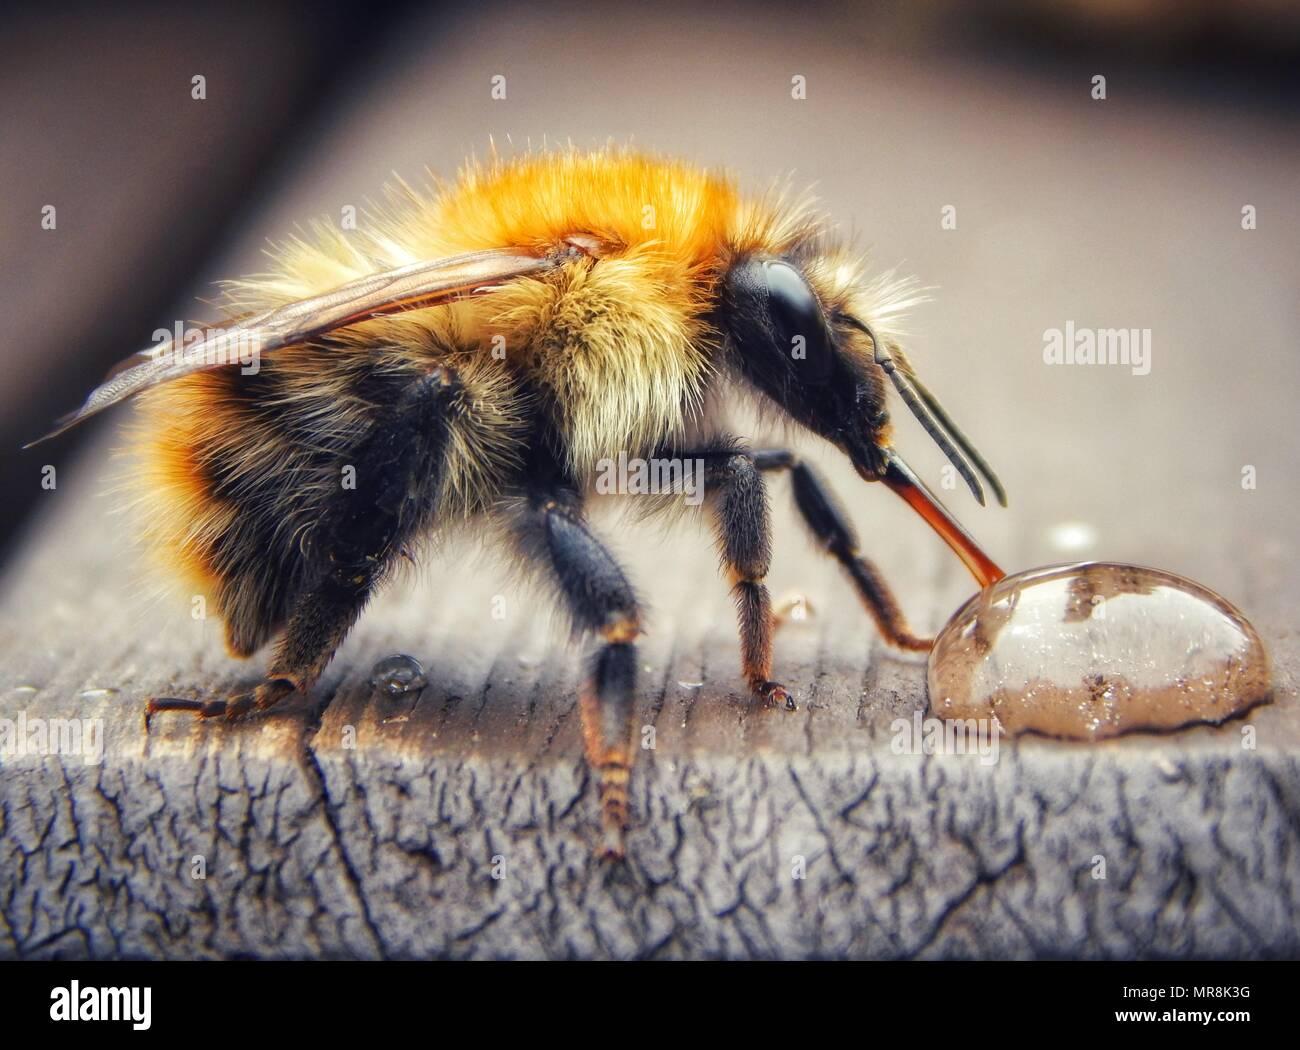 Carda comune bee bevendo una goccia di acqua zuccherata close up Immagini Stock